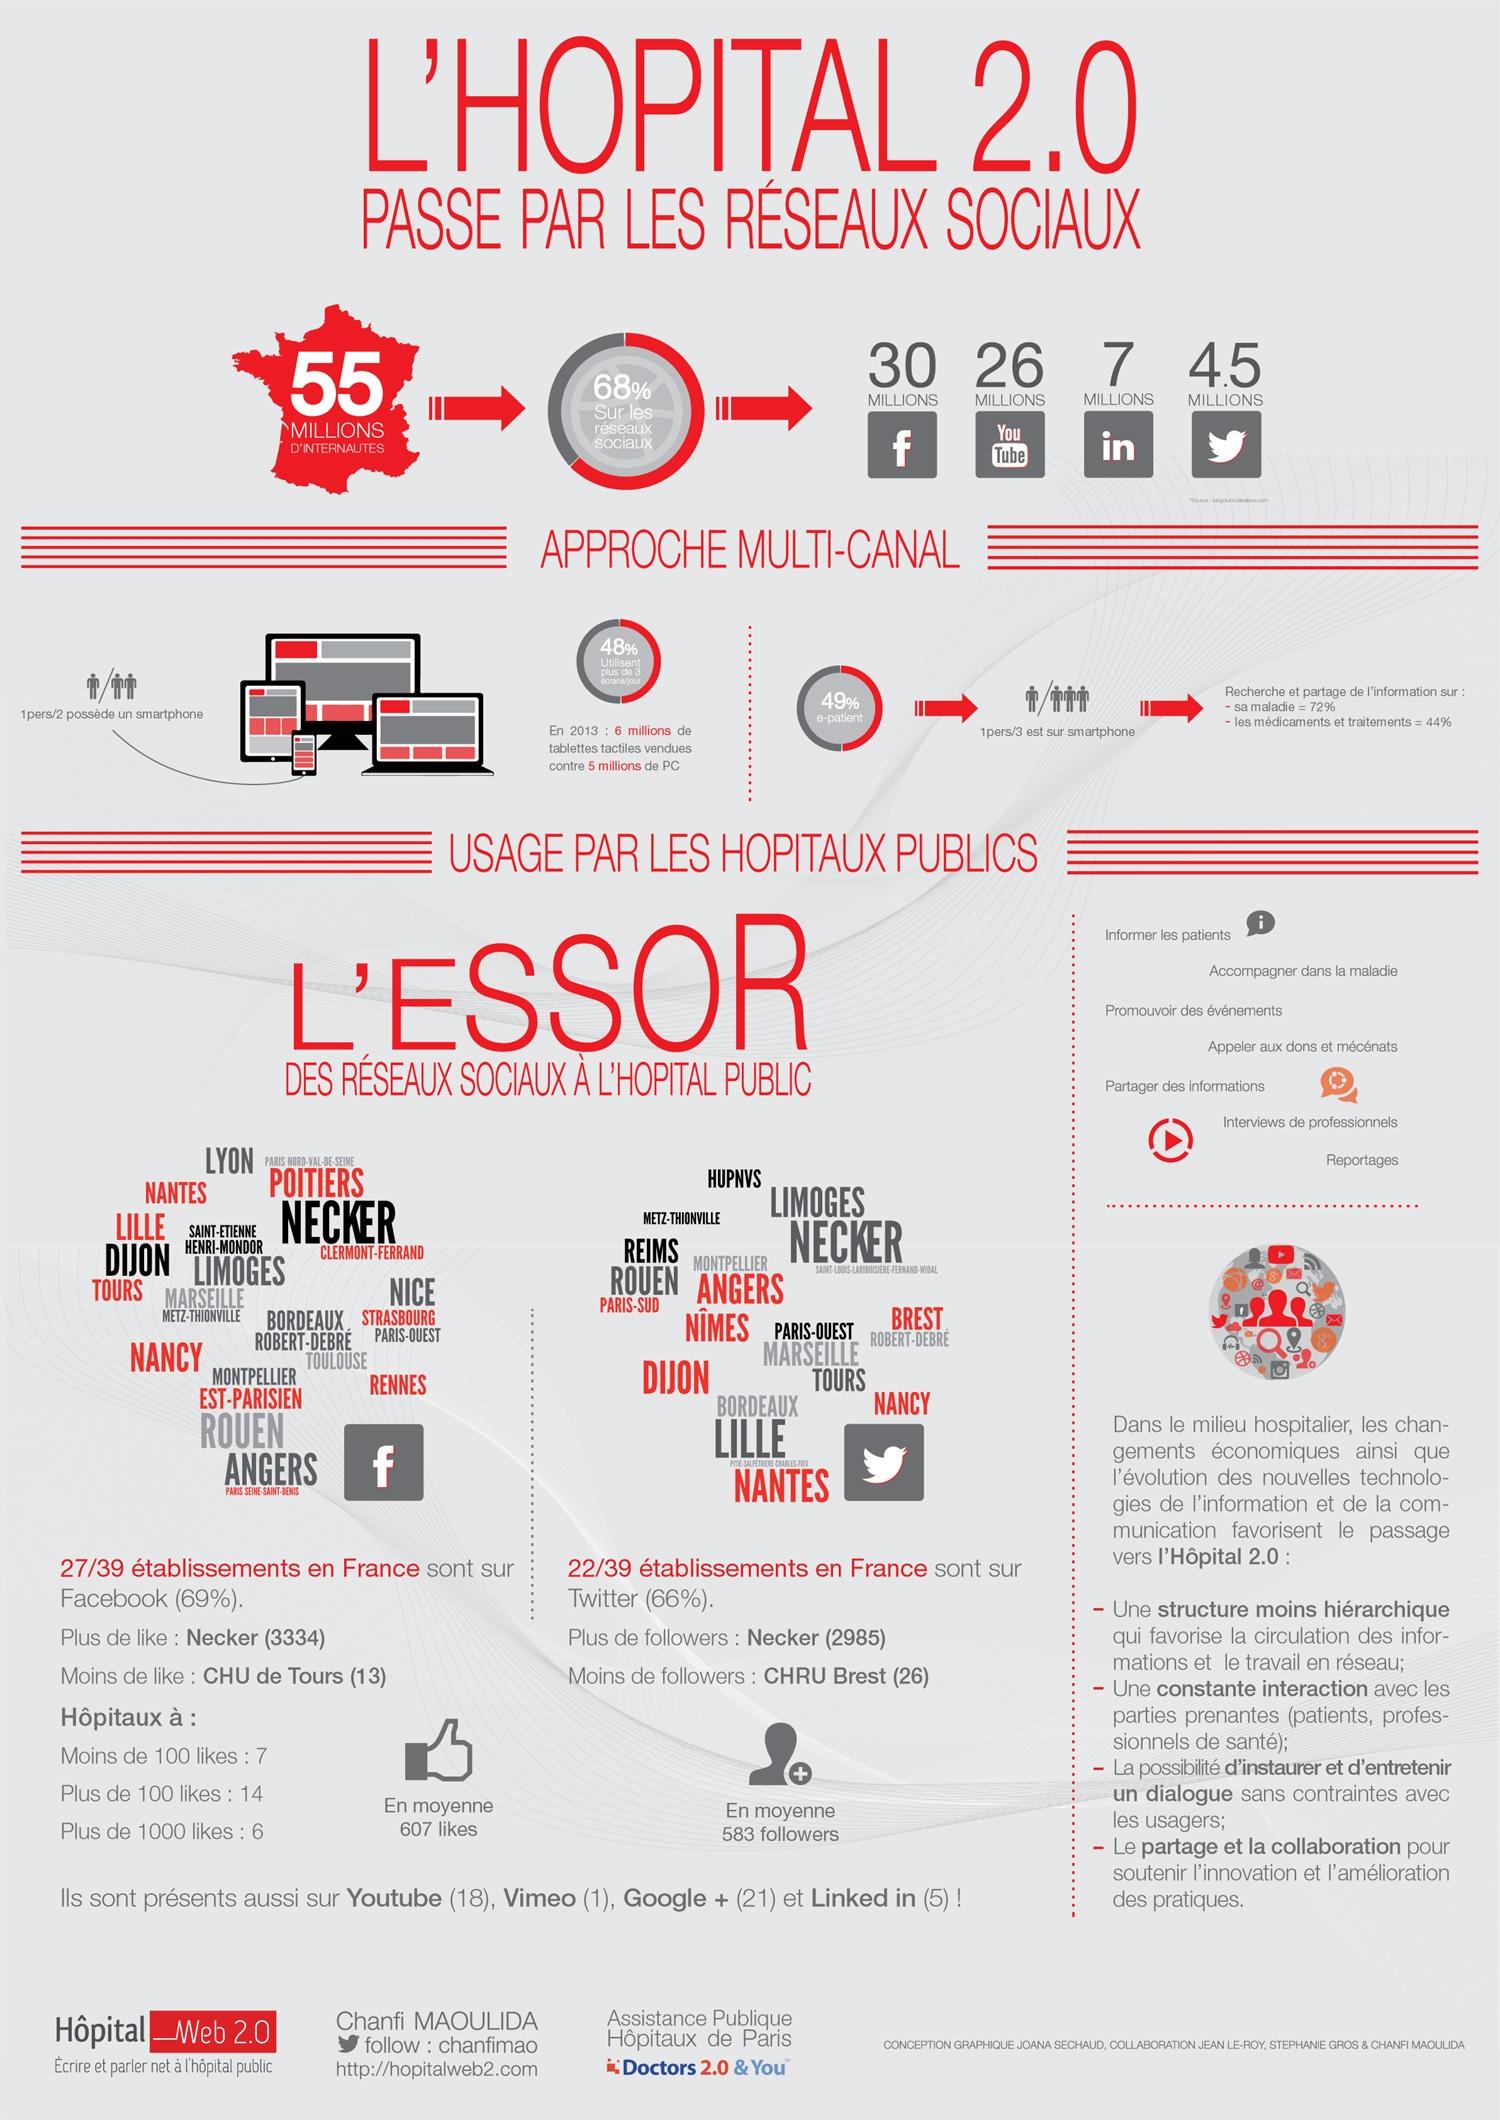 infographie : l'hopital 2.0 réseaux-sociaux